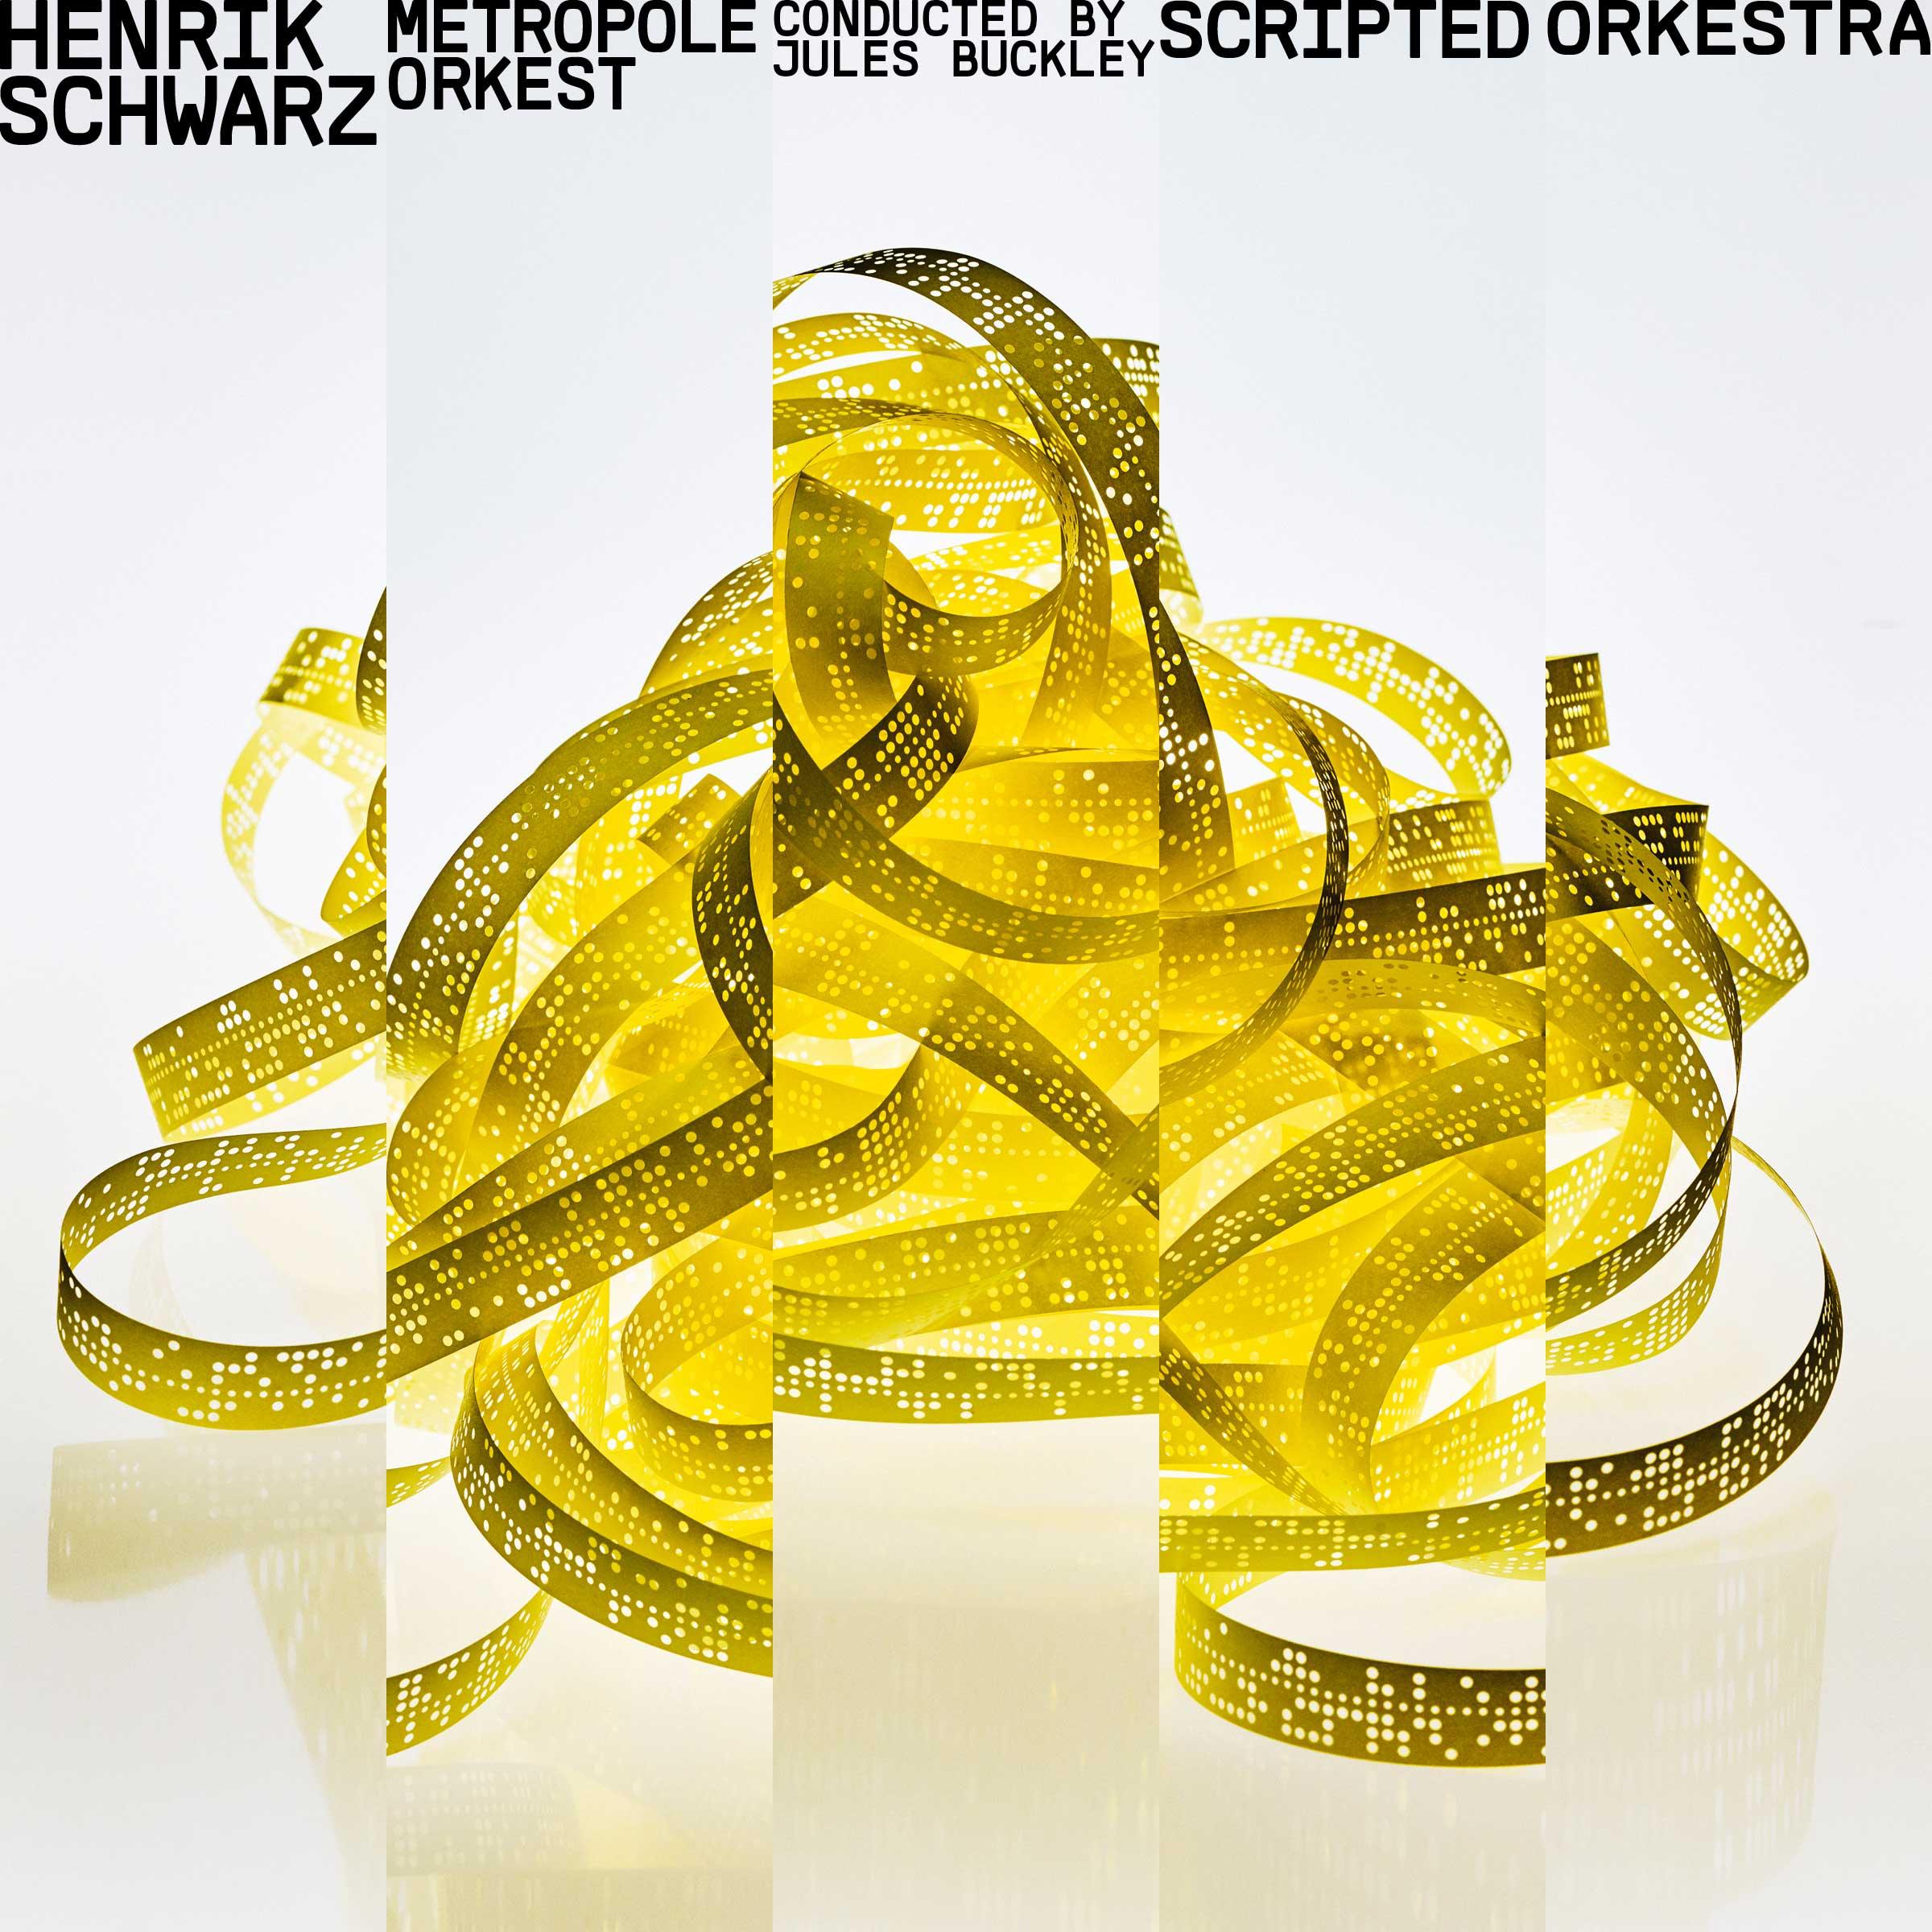 Henrik Schwarz Metropole Orkest Scripted Orkestra